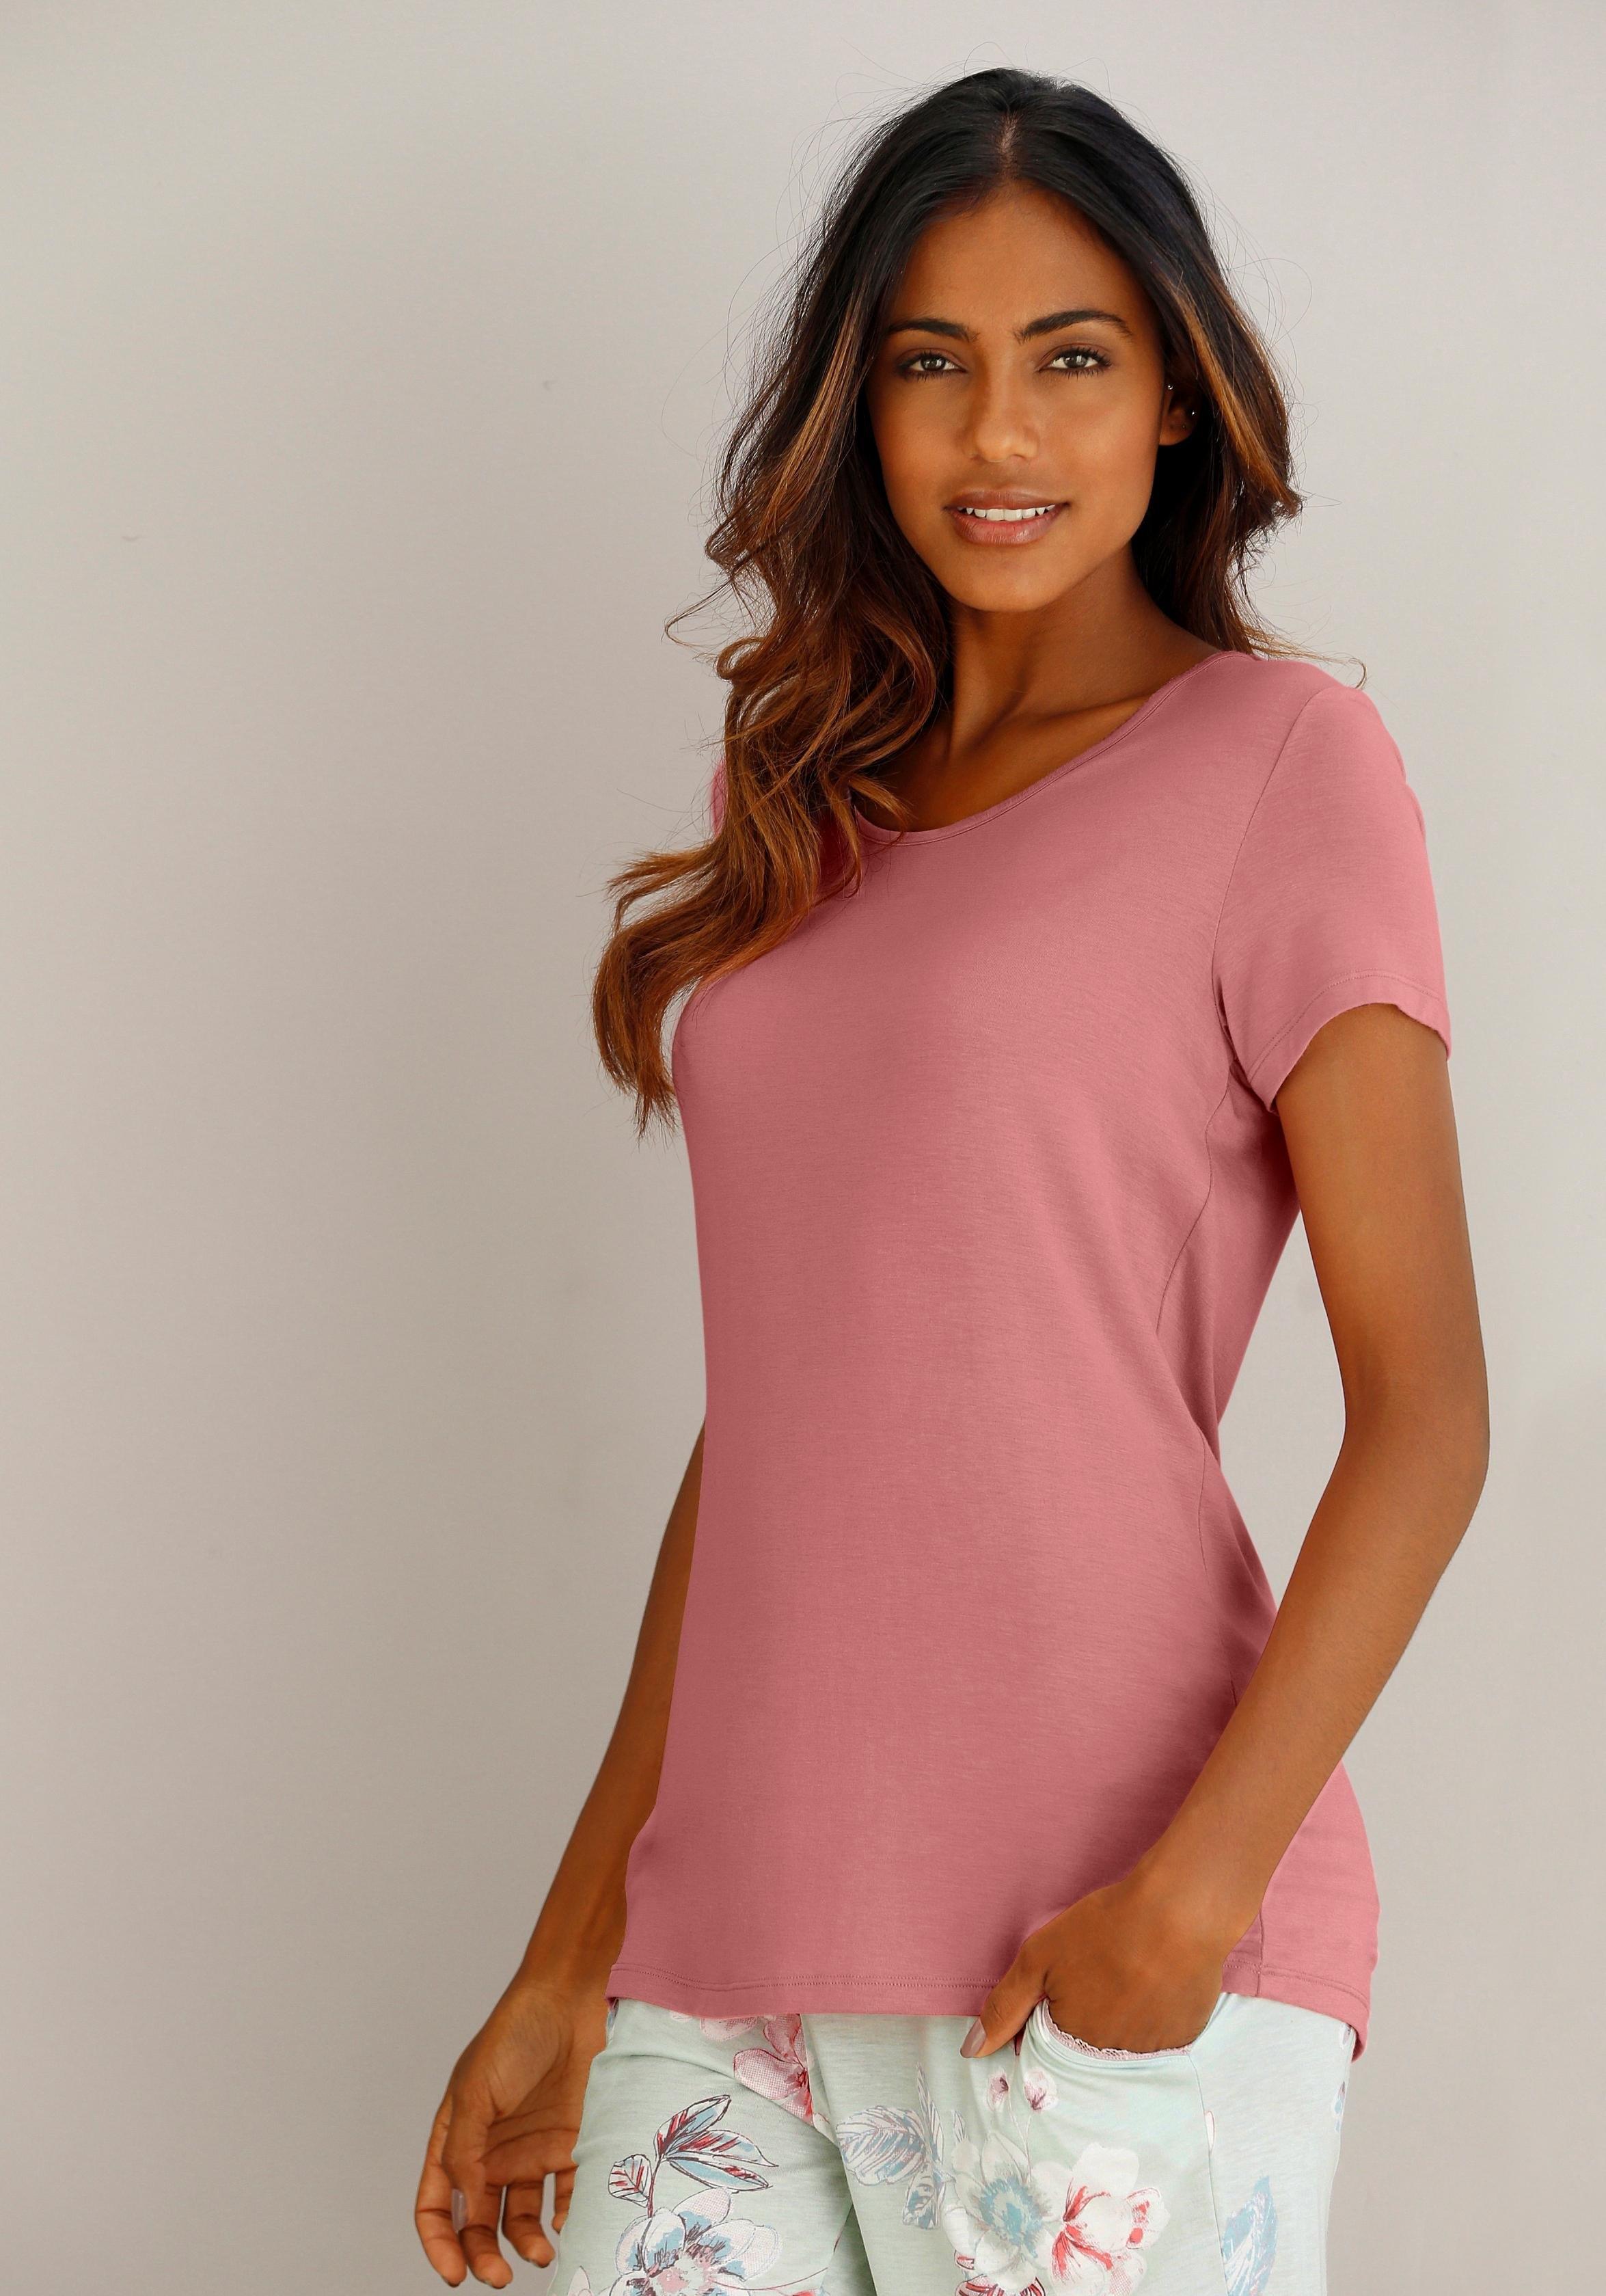 Calida nachthemd met ronde hals veilig op lascana.nl kopen